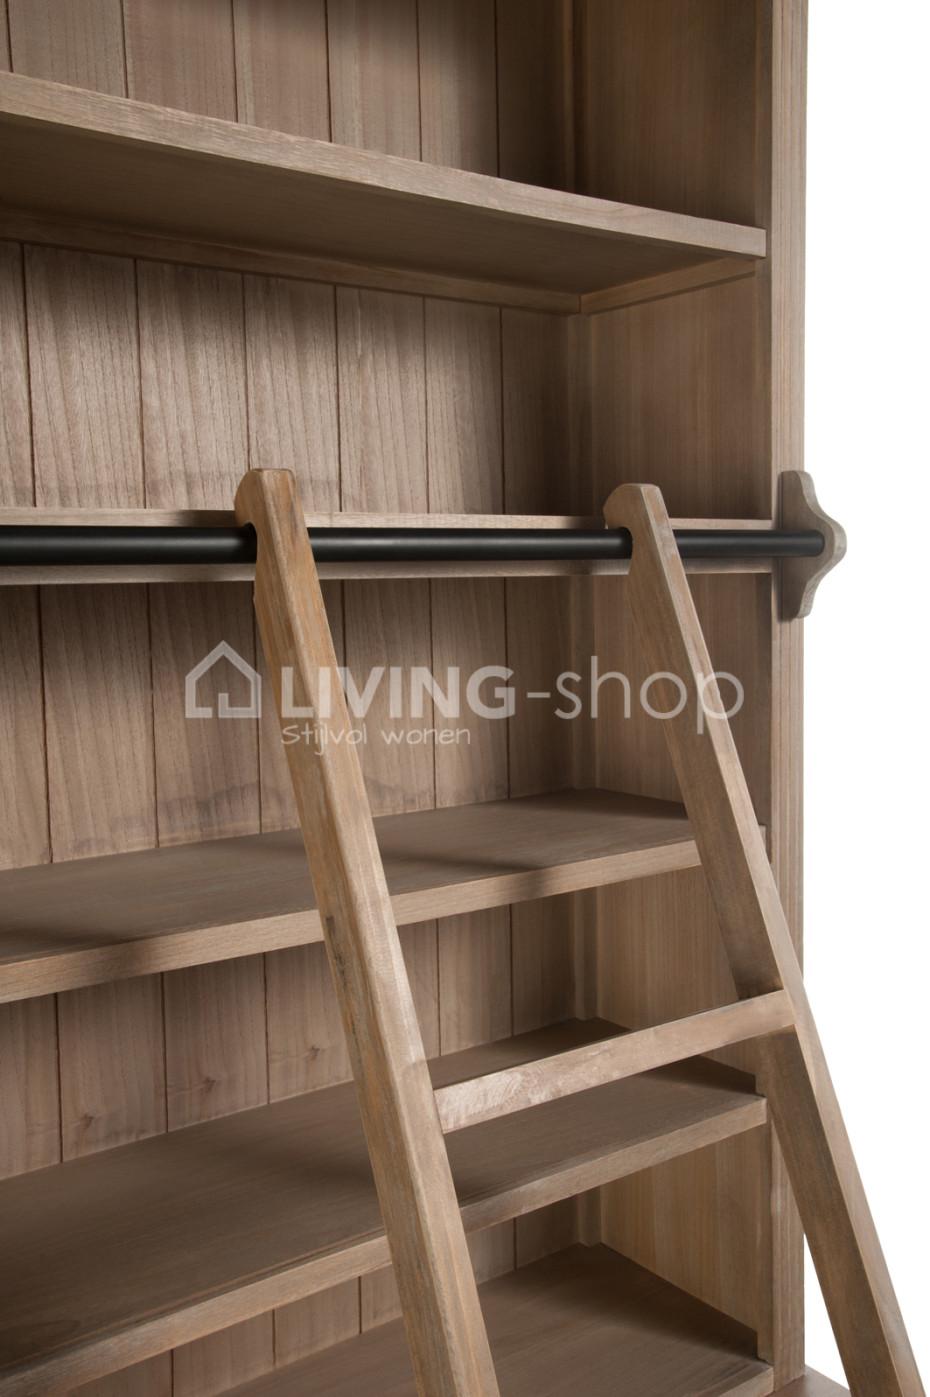 Fonkelnieuw Bibliotheekkast met ladder | WEBWINKEL BIBLIOTHEEKKASTEN QA-75